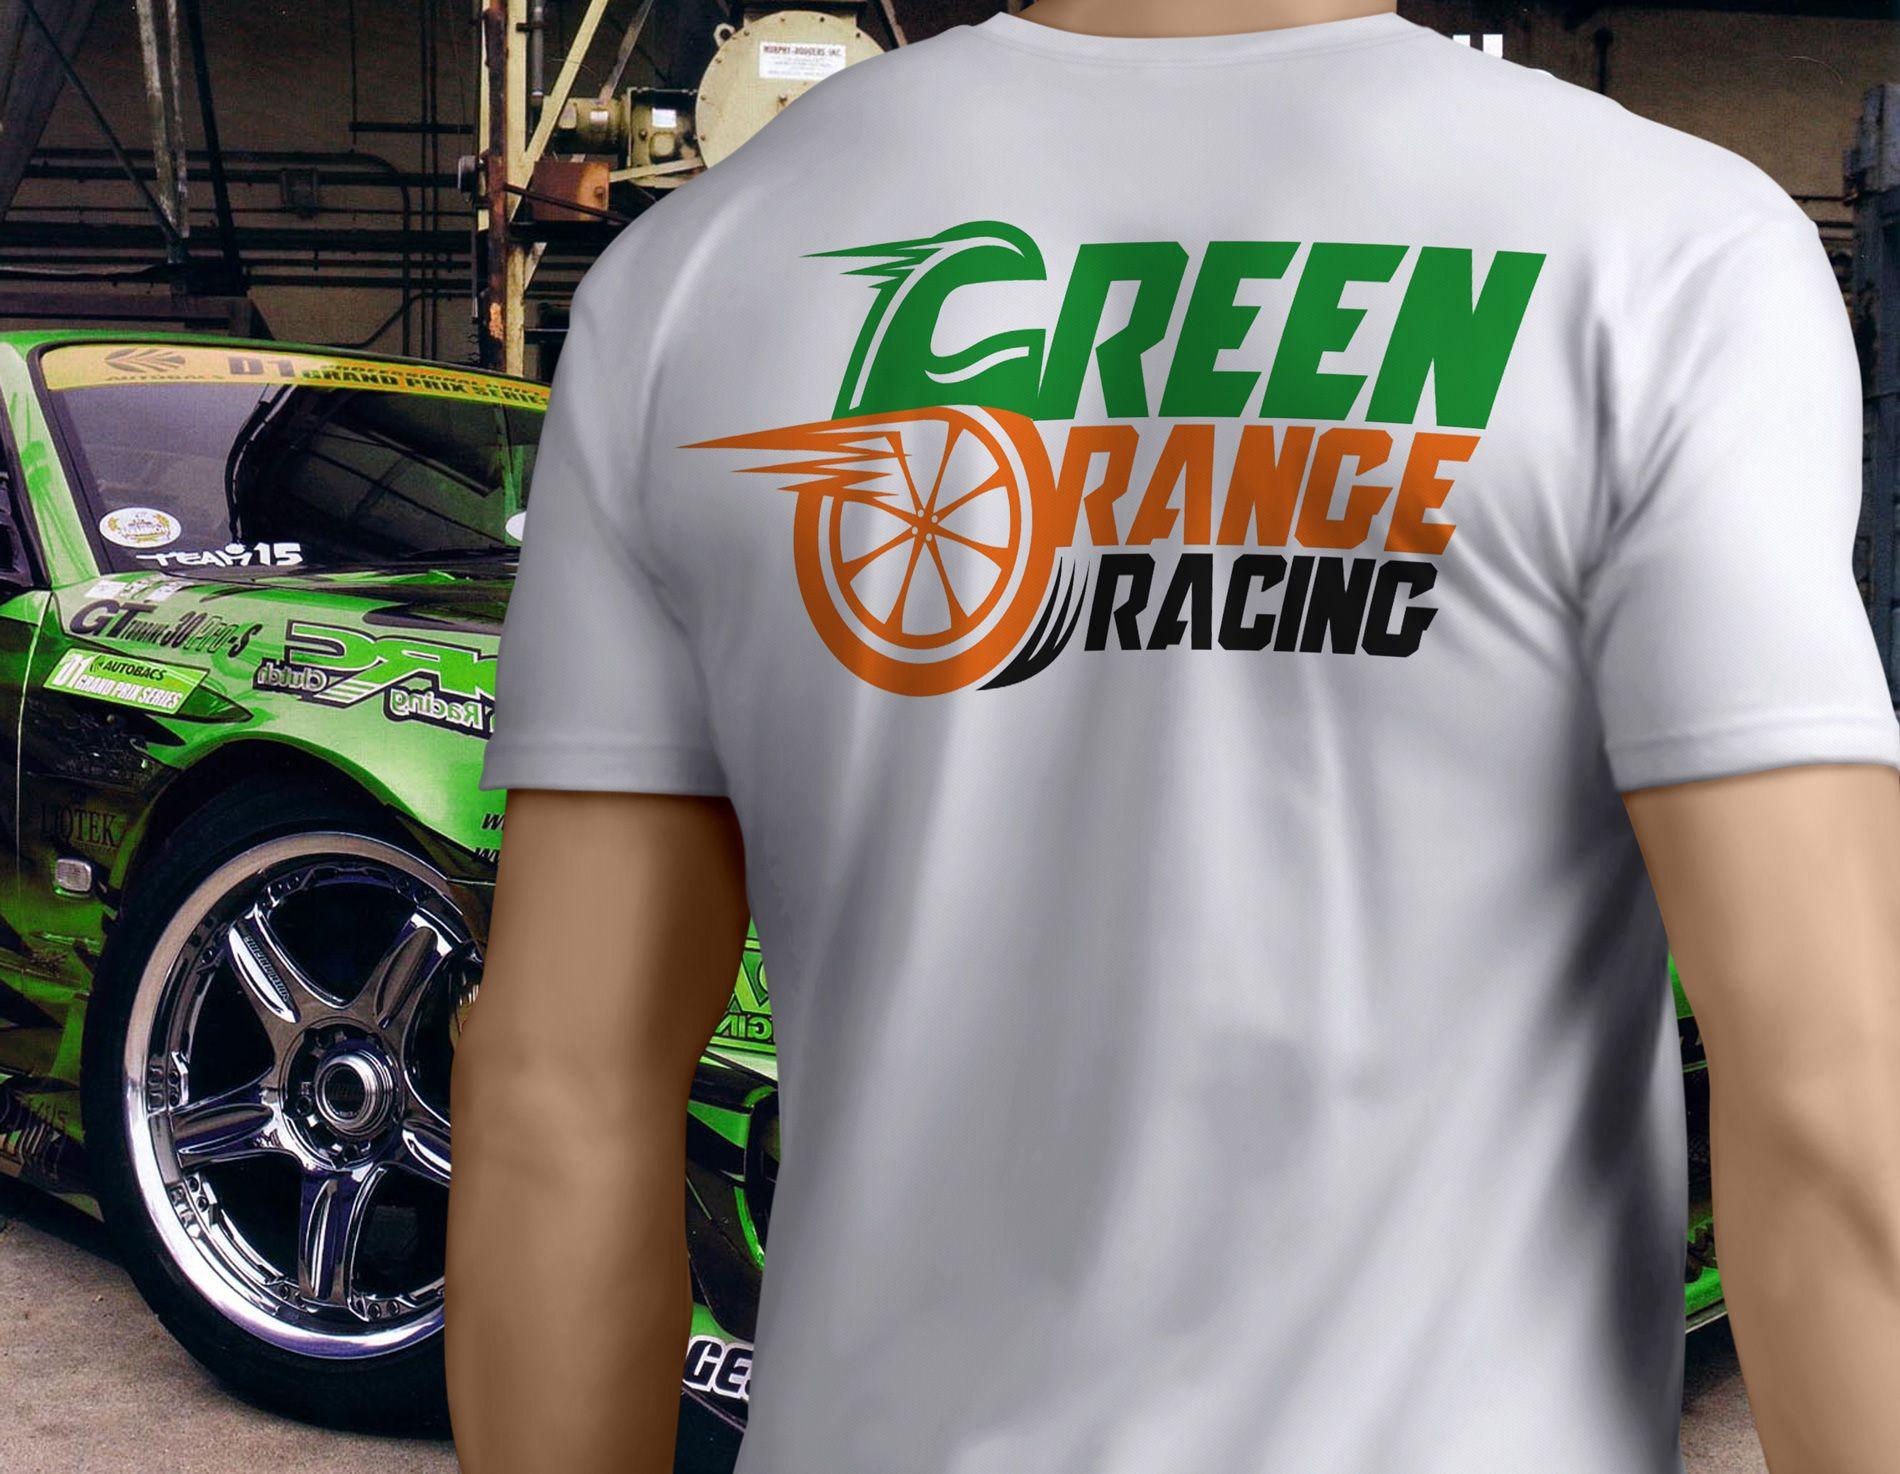 Логотип для гоночной команды (автоспорт) - дизайнер kras-sky